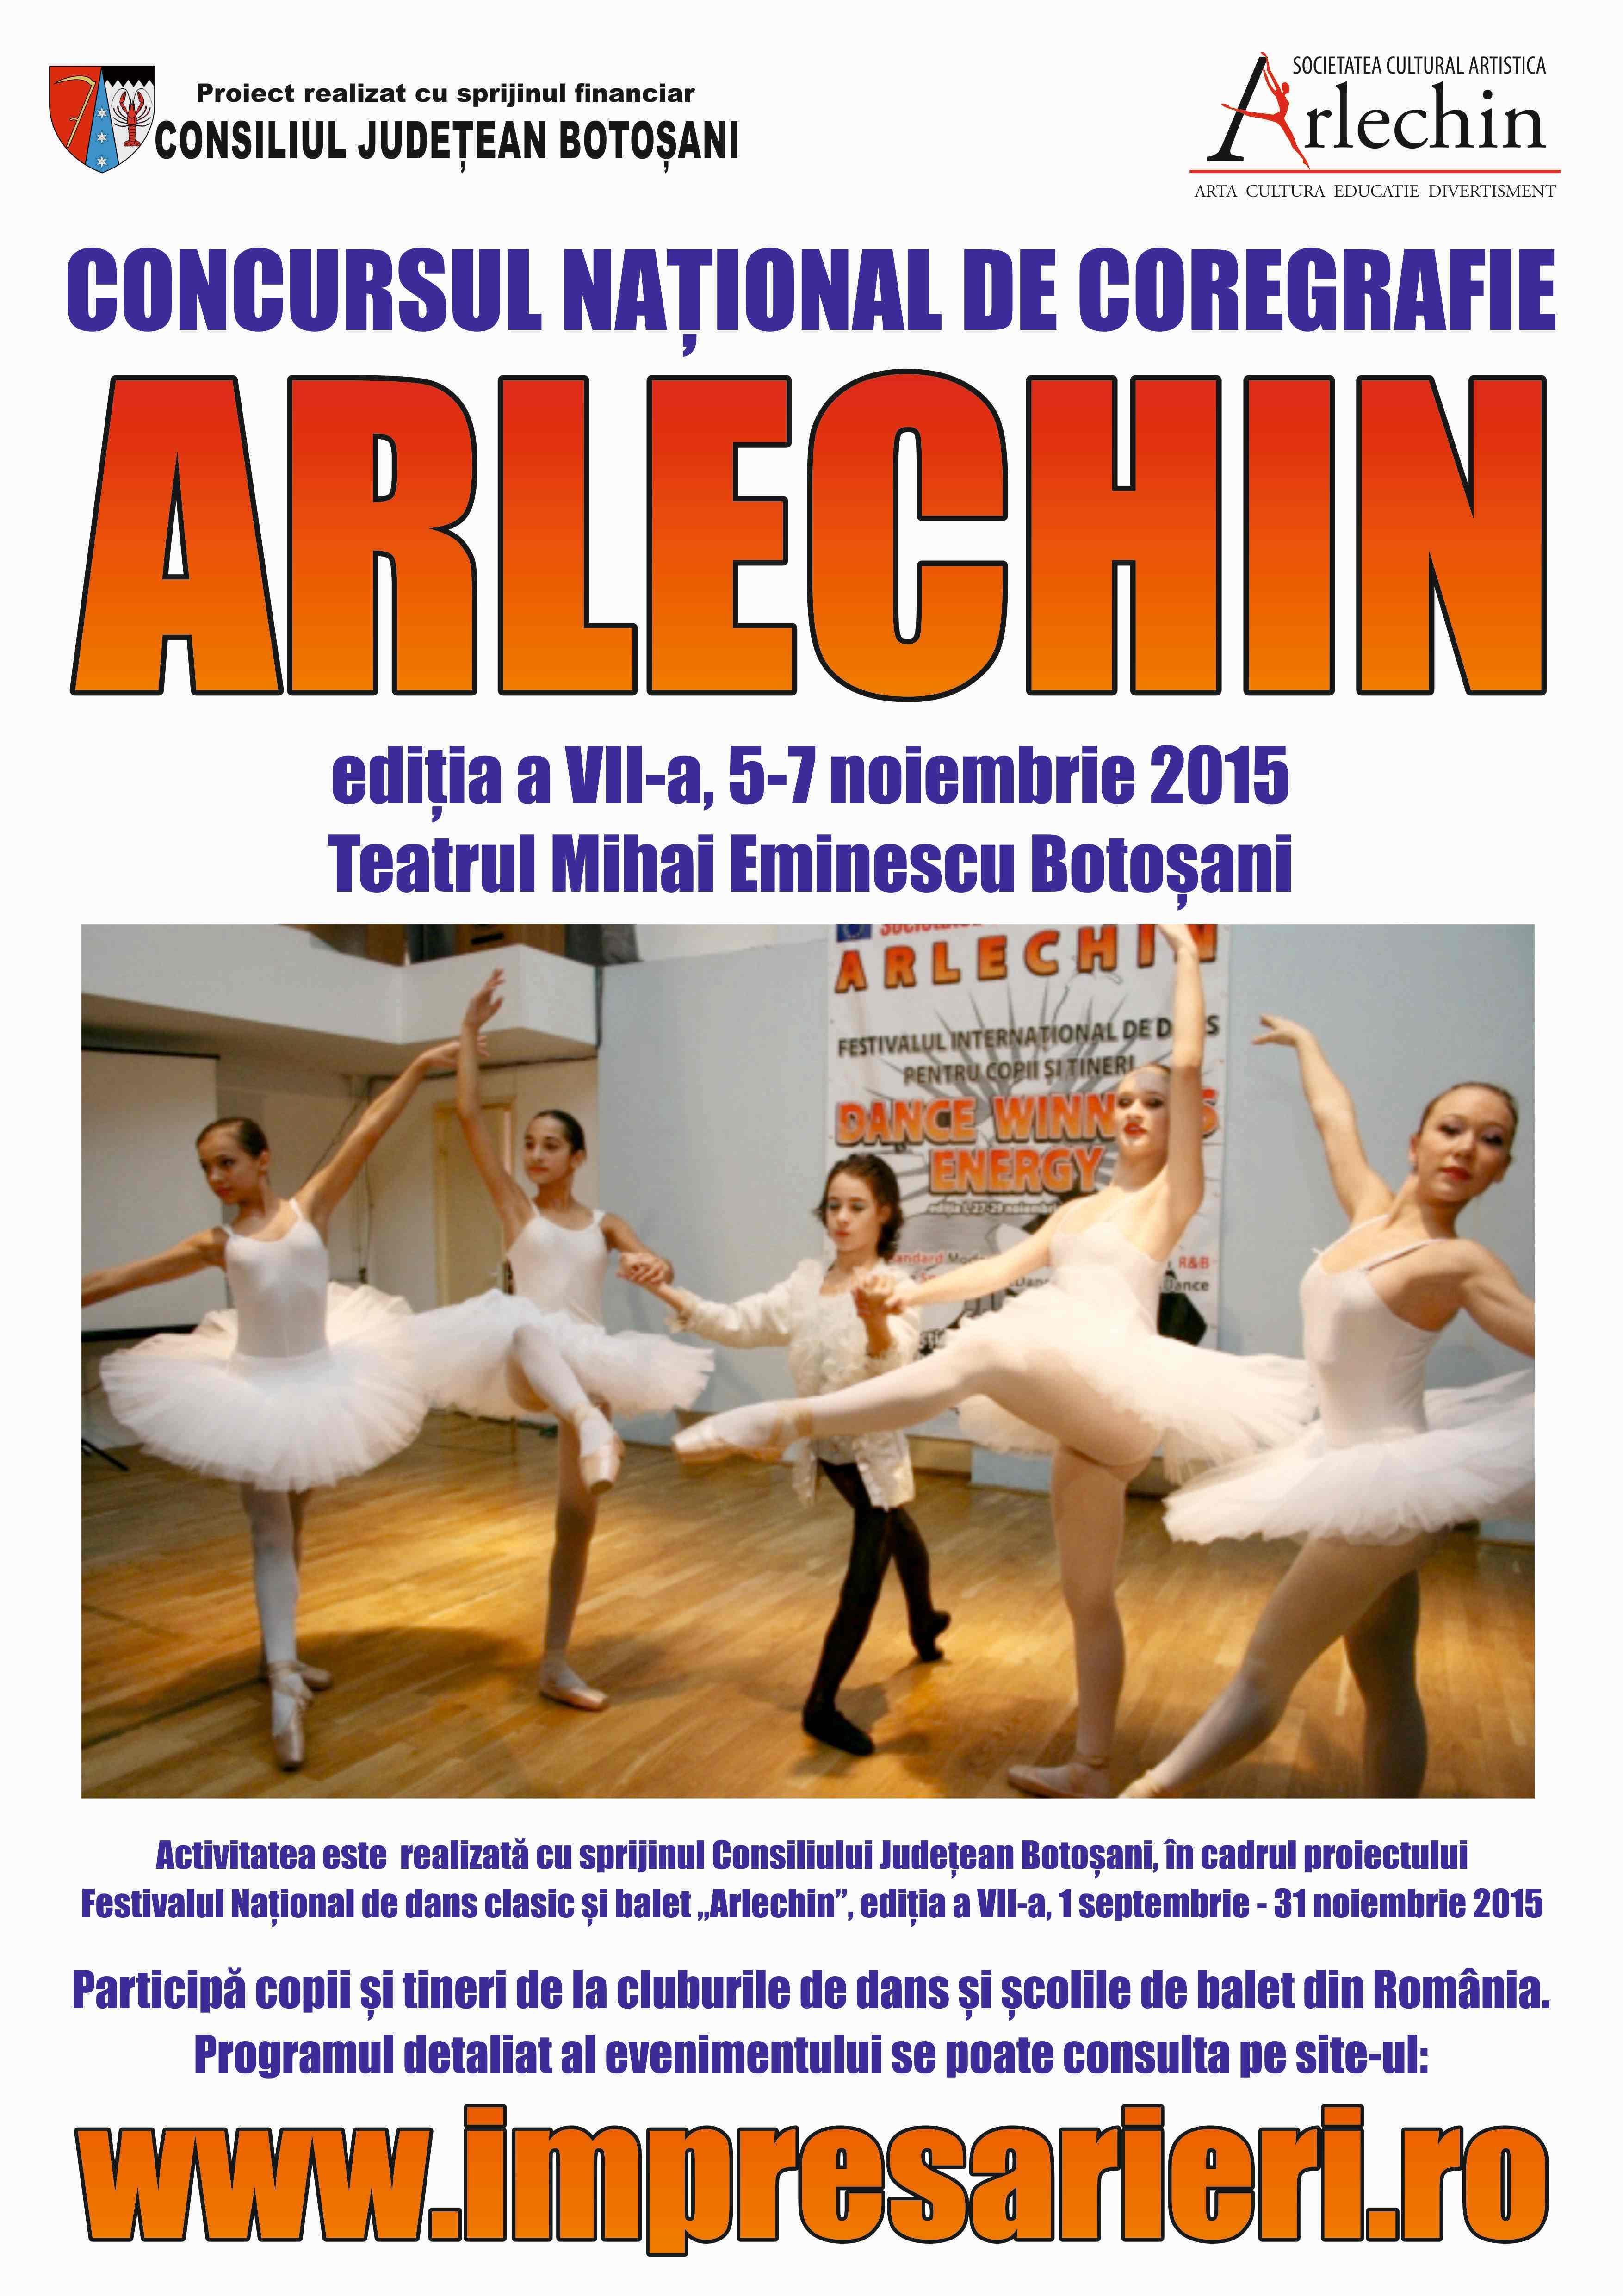 Concursul-National-de-Coregrafie-ARLECHIN-5-7-noiembrie-2015